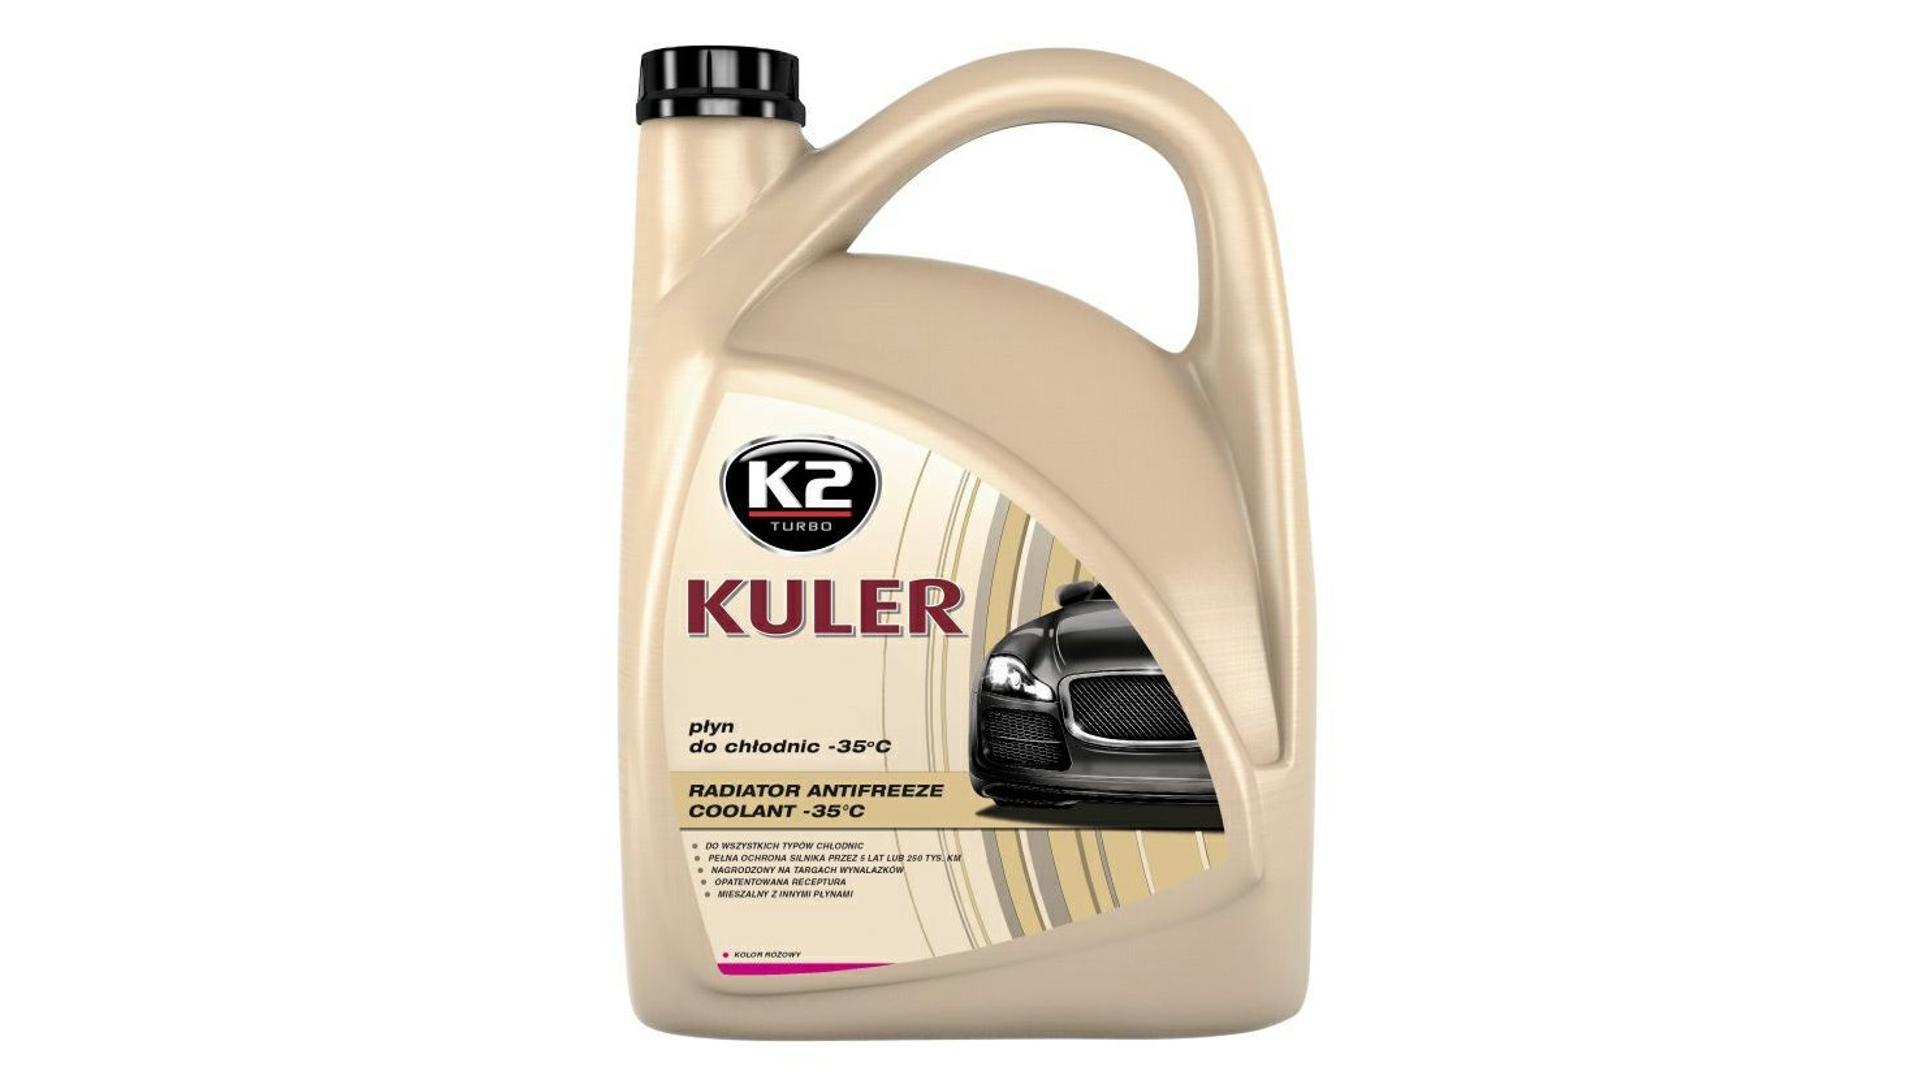 K2 KULER RŮŽOVÁ 5l - nemrznoucí kapalina do chladiče do -35 °C